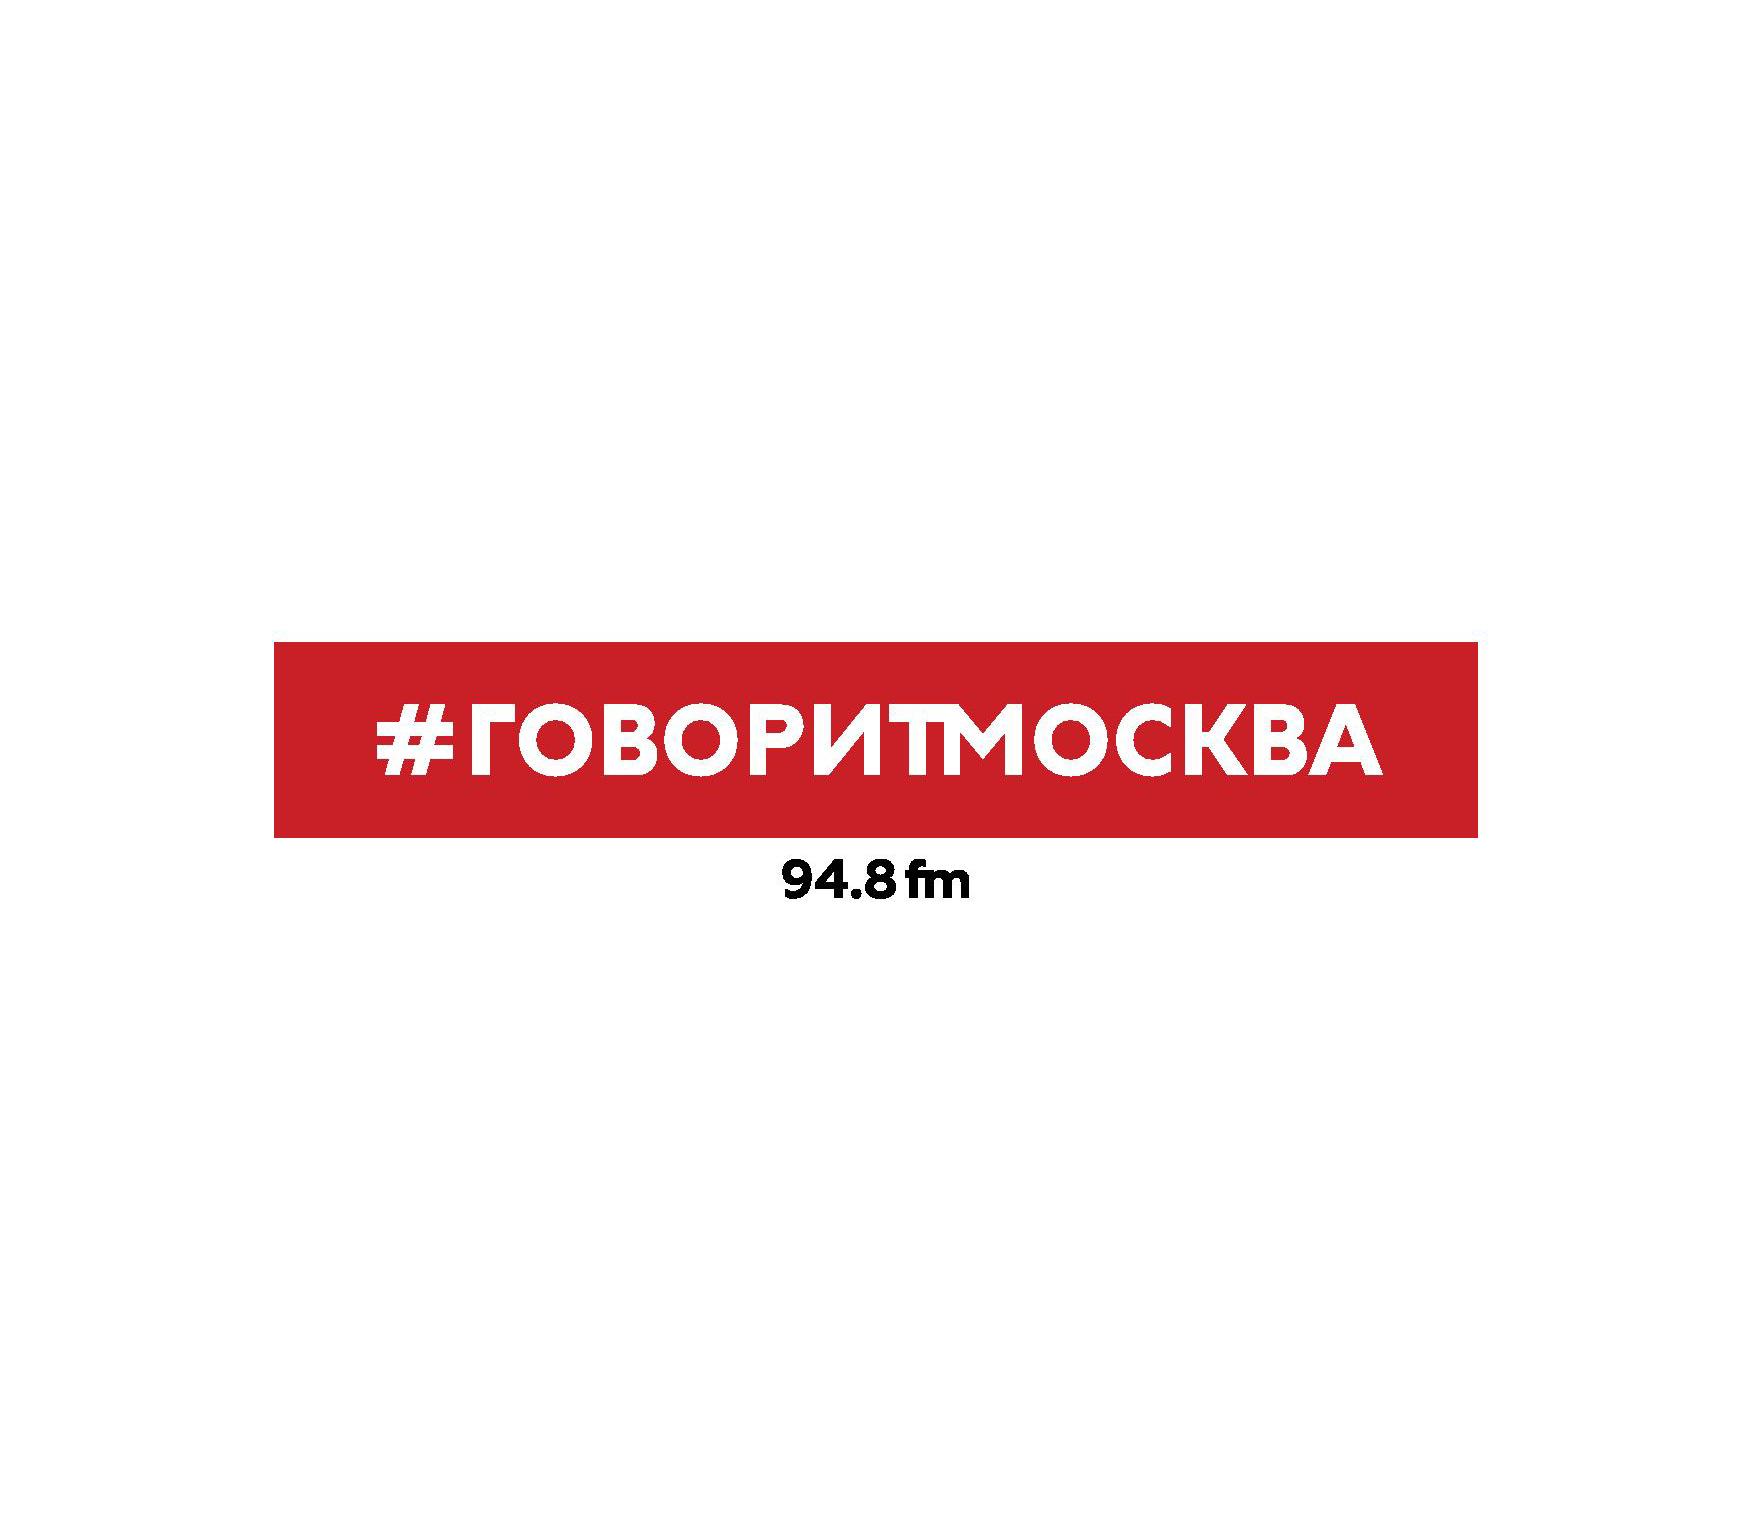 Сергей Береговой 30 лет перестройке сергей береговой 110 лет октябрьскому манифесту 1905 года